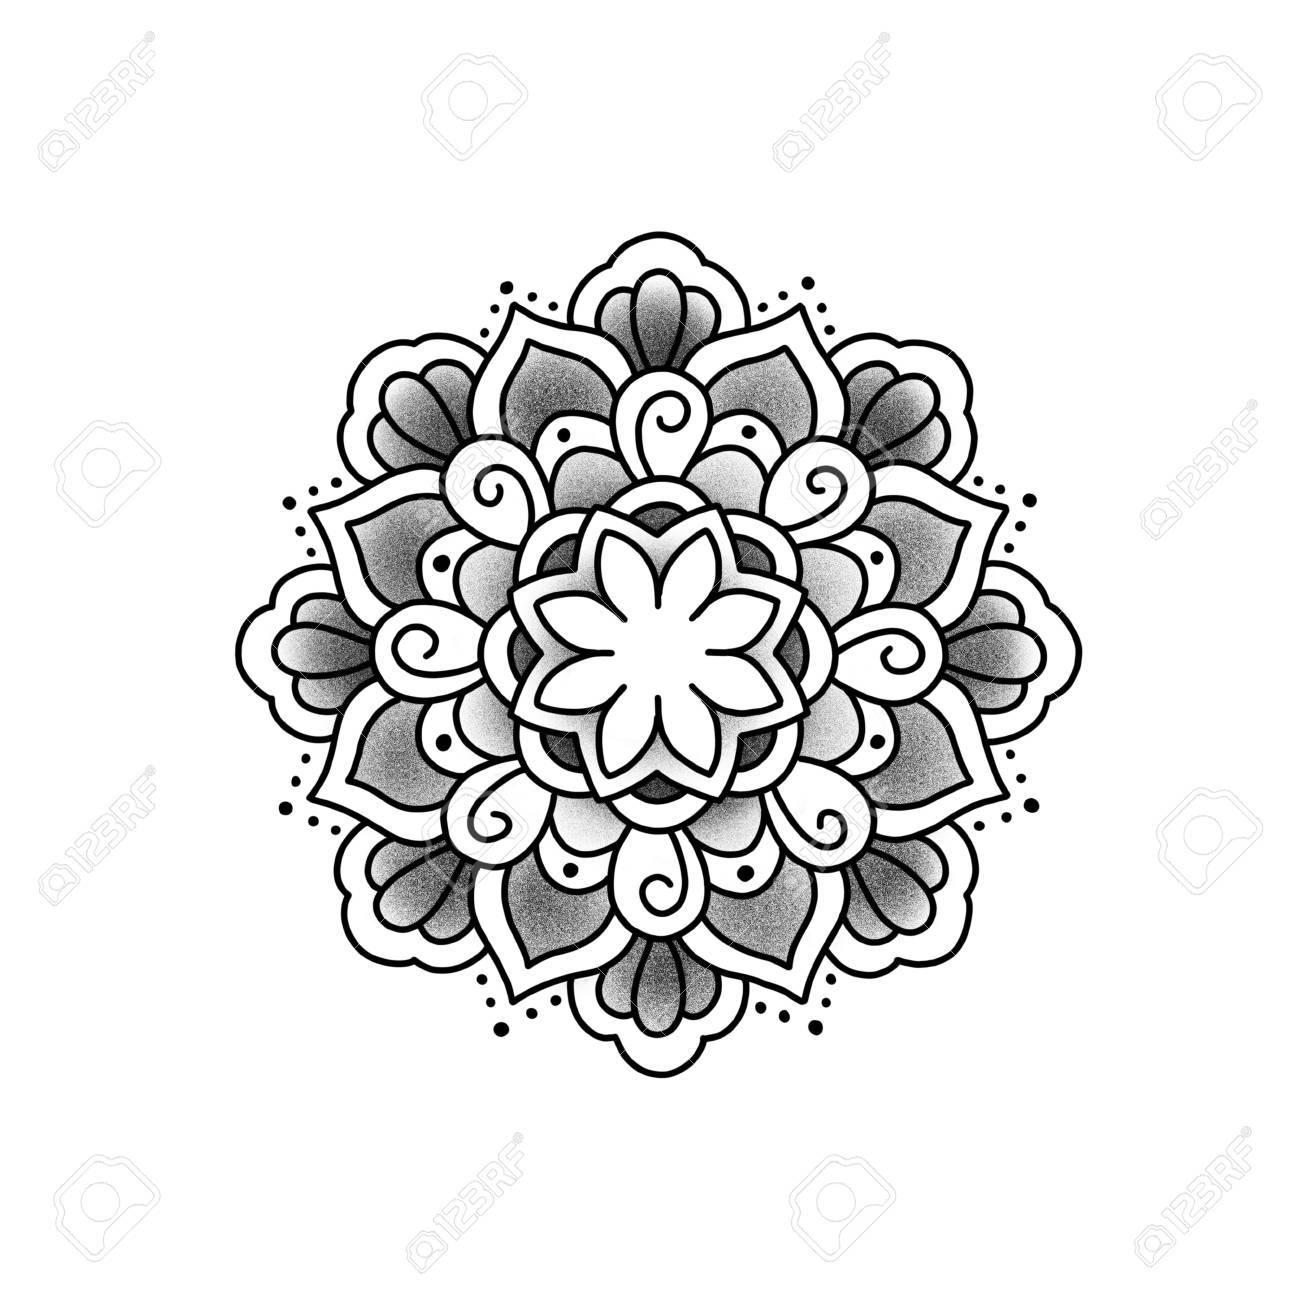 Flower mandala. Vintage decorative element. Islam, Arabic, Indian, ottoman motifs. Banque d'images - 84371936